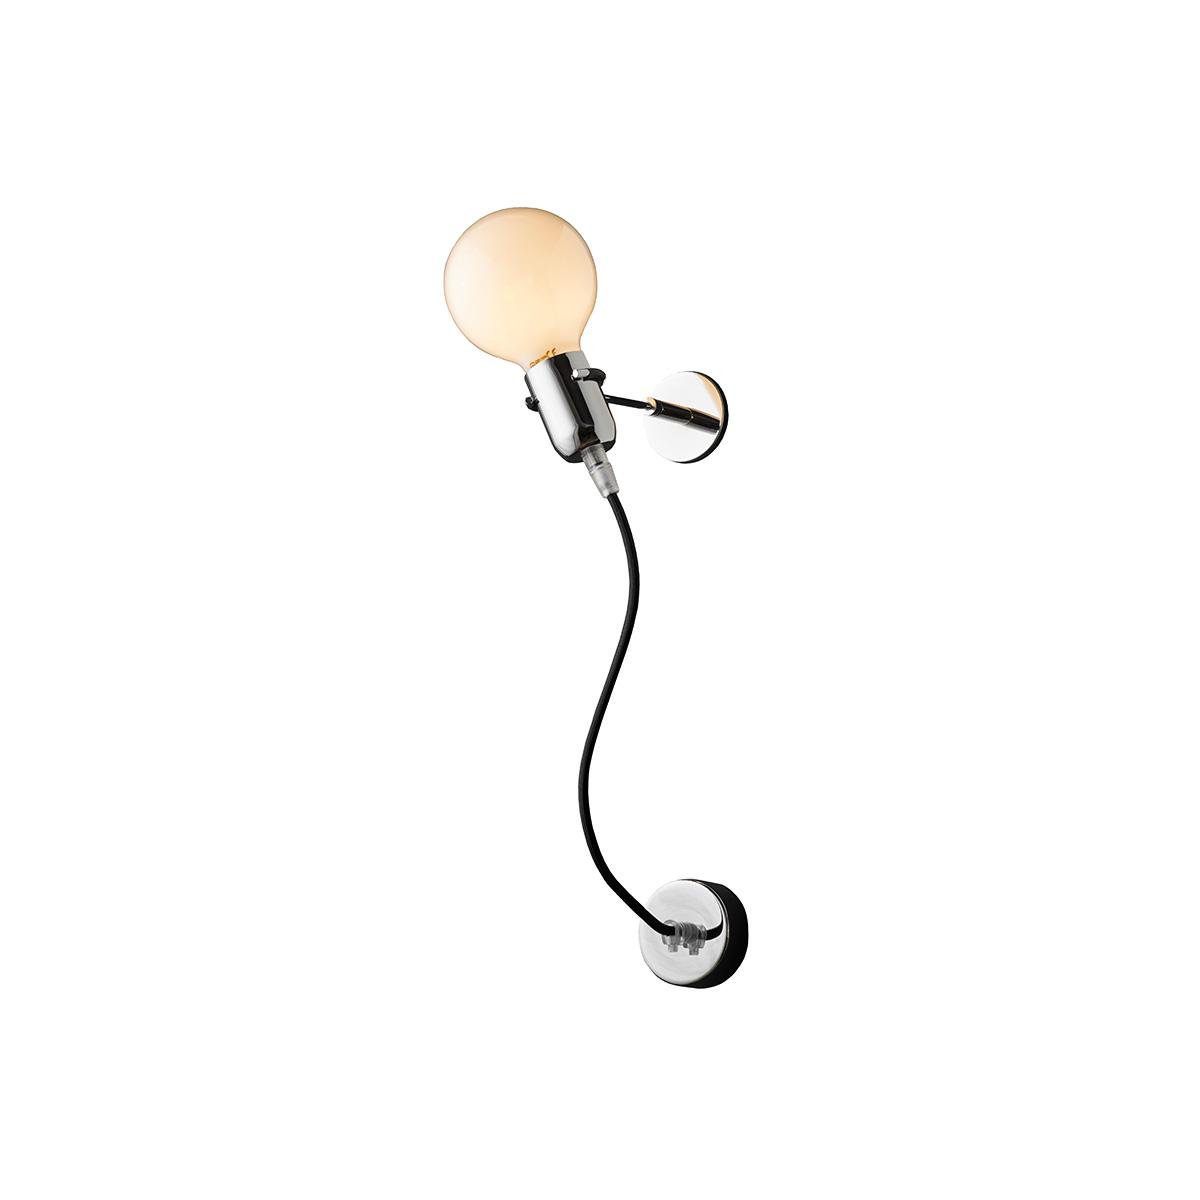 Μοντέρνα απλίκα με μαύρο καλώδιο ΚΑΛΩΔΙΑ modern black wall lamp